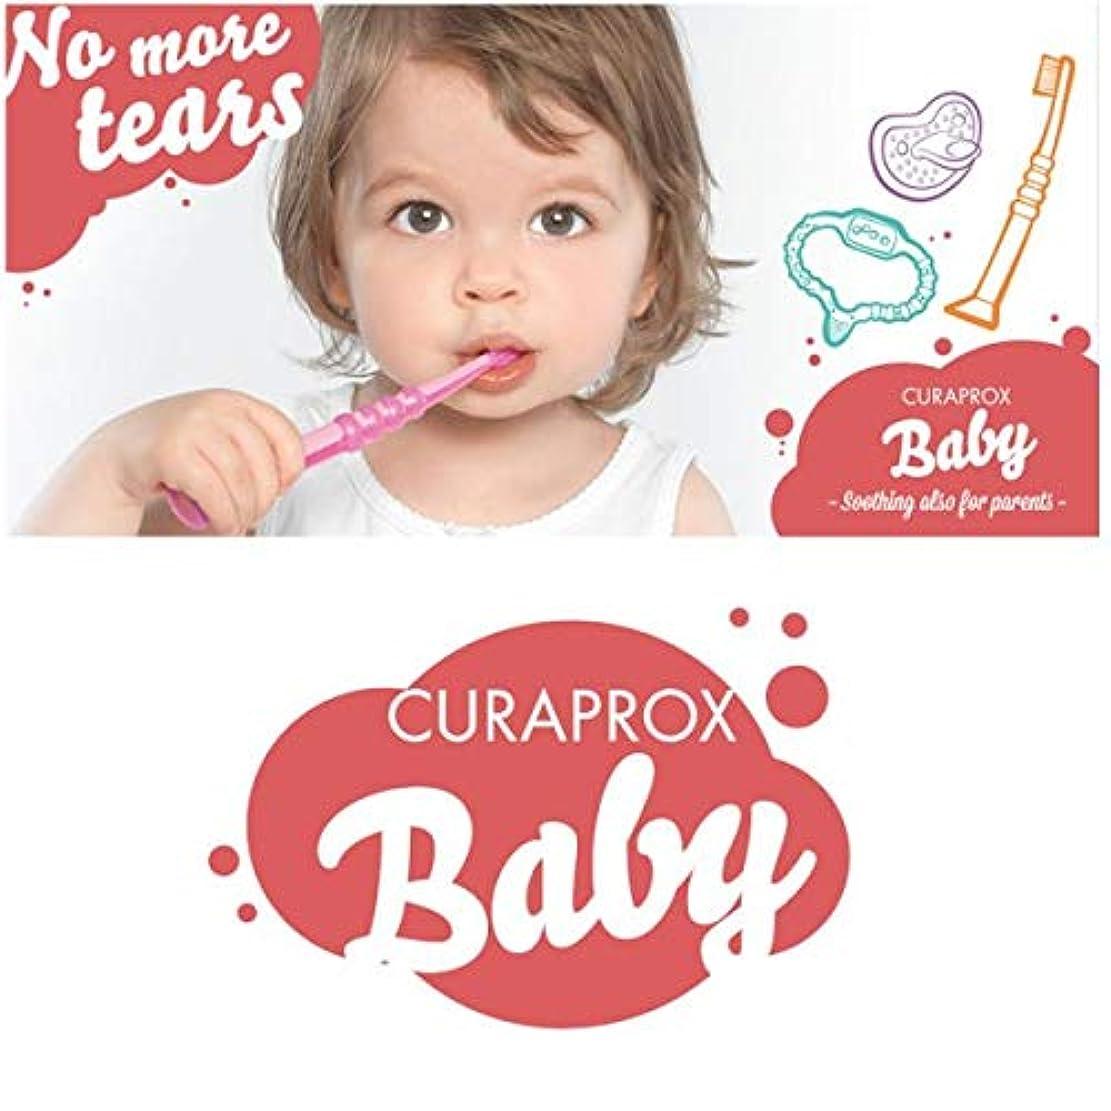 冗談で軽食迷惑クラプロックス ベビー用歯ブラシ ピンク ツインパック